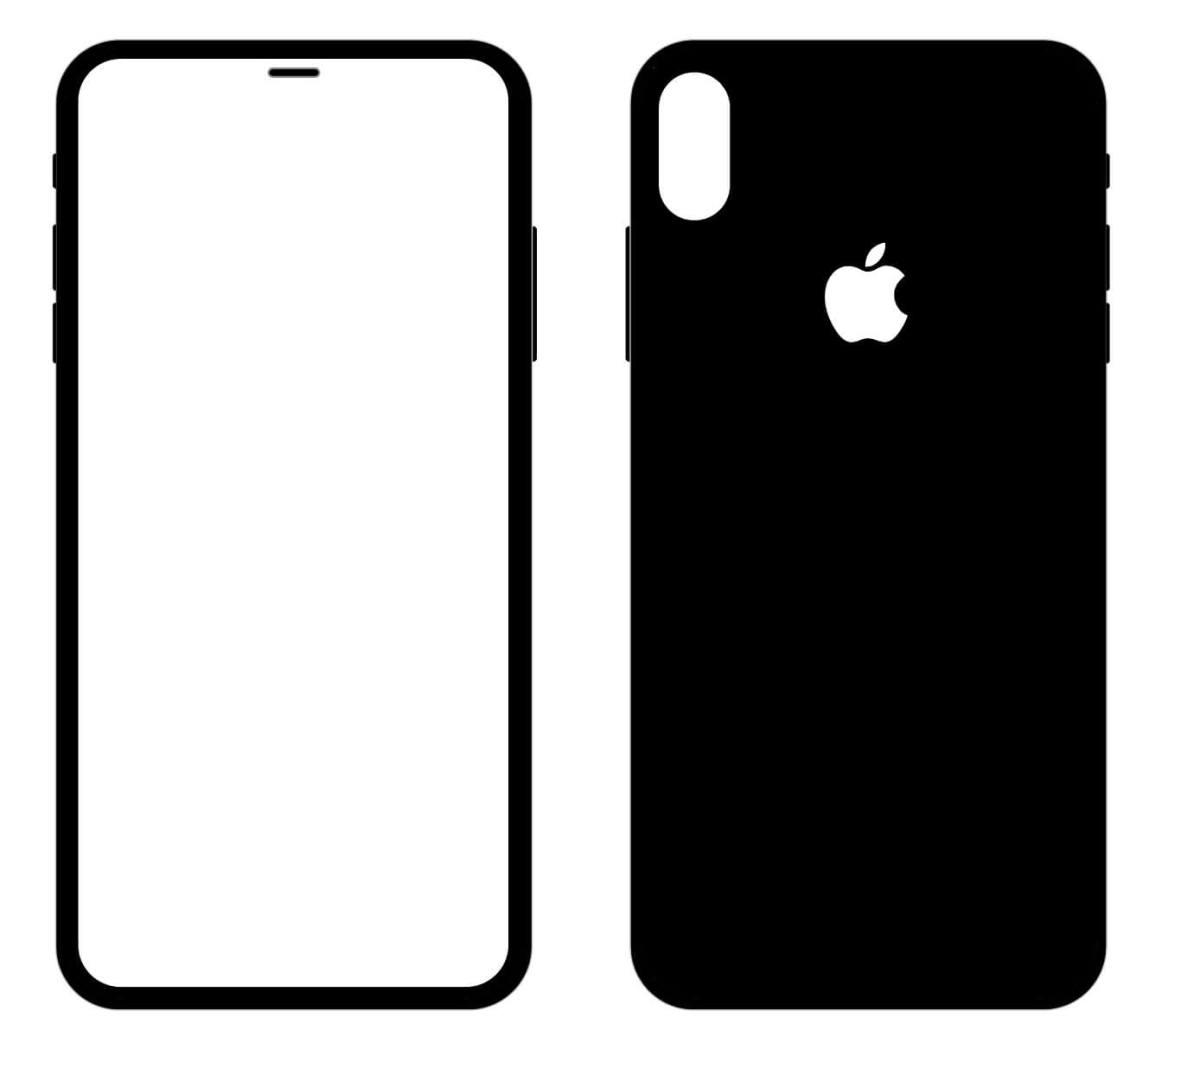 疑似 iPhone 8 使用說明書流出曝光!